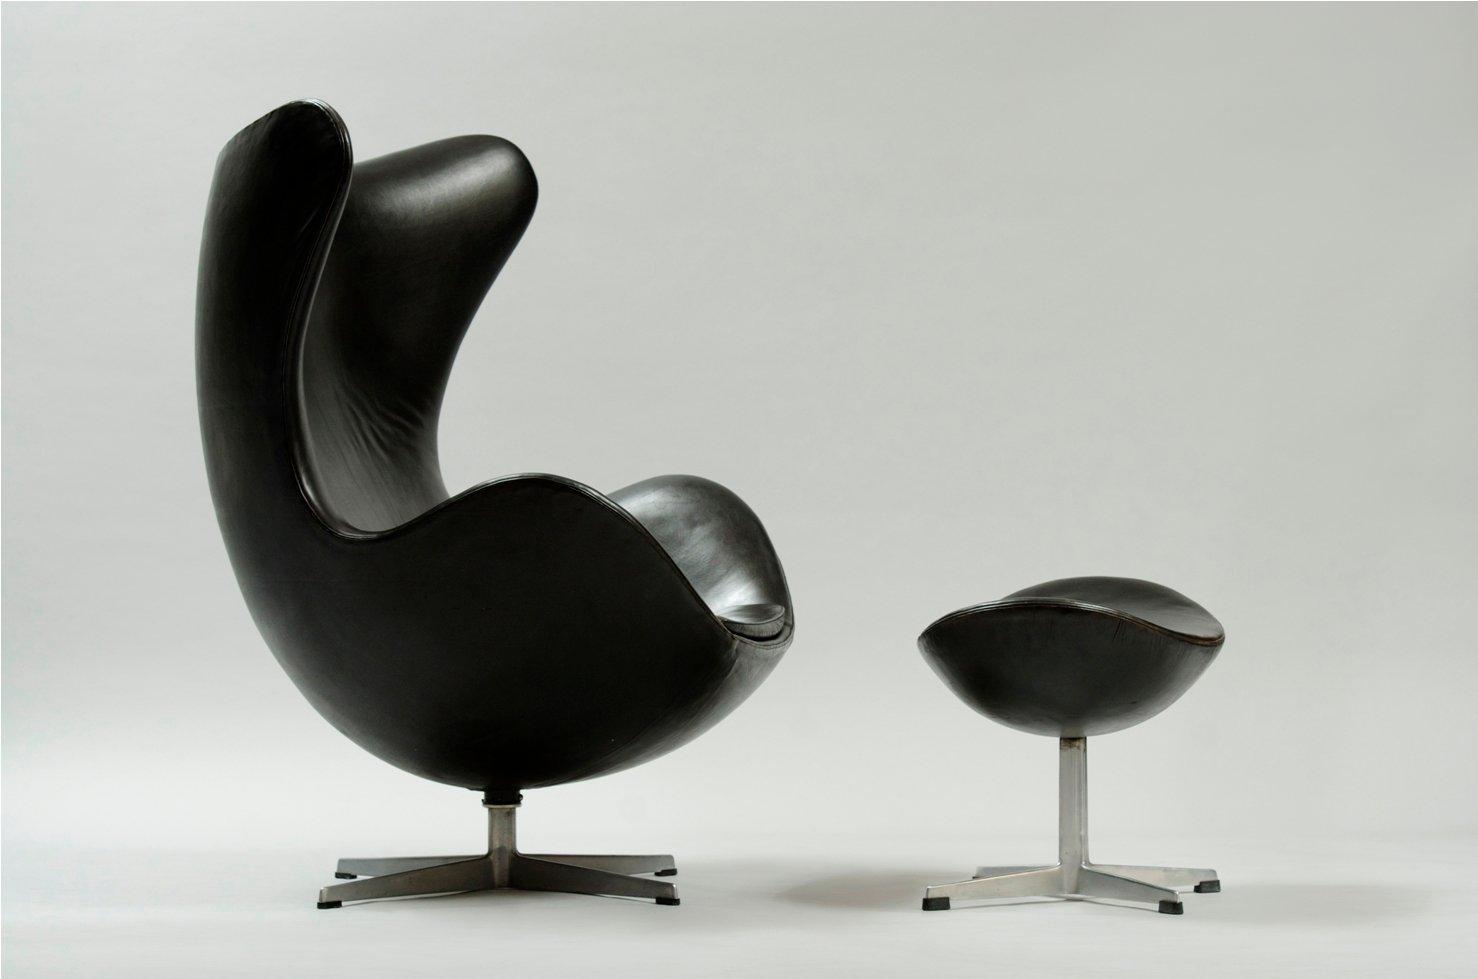 egg chair und ottoman von arne jacobsen fr fritz hansen bei pamono kaufen - Egg Chair Kaufen